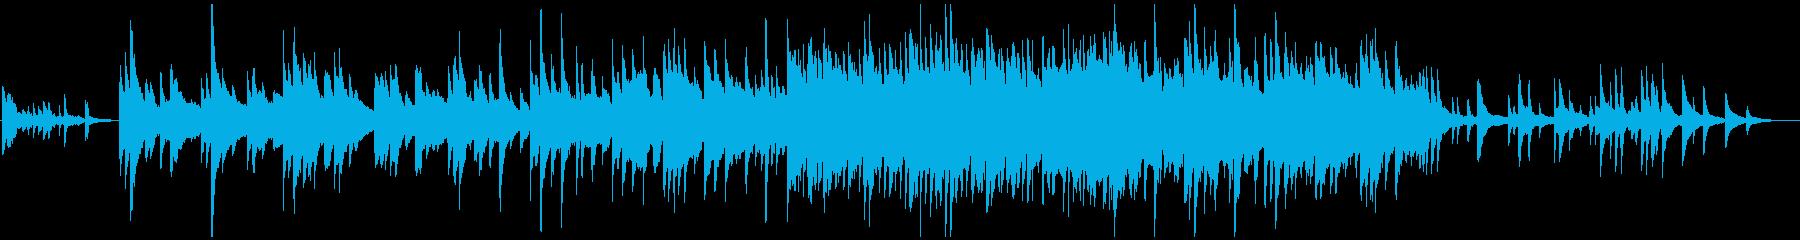 しんみりしたピアノソロ 劇伴の再生済みの波形